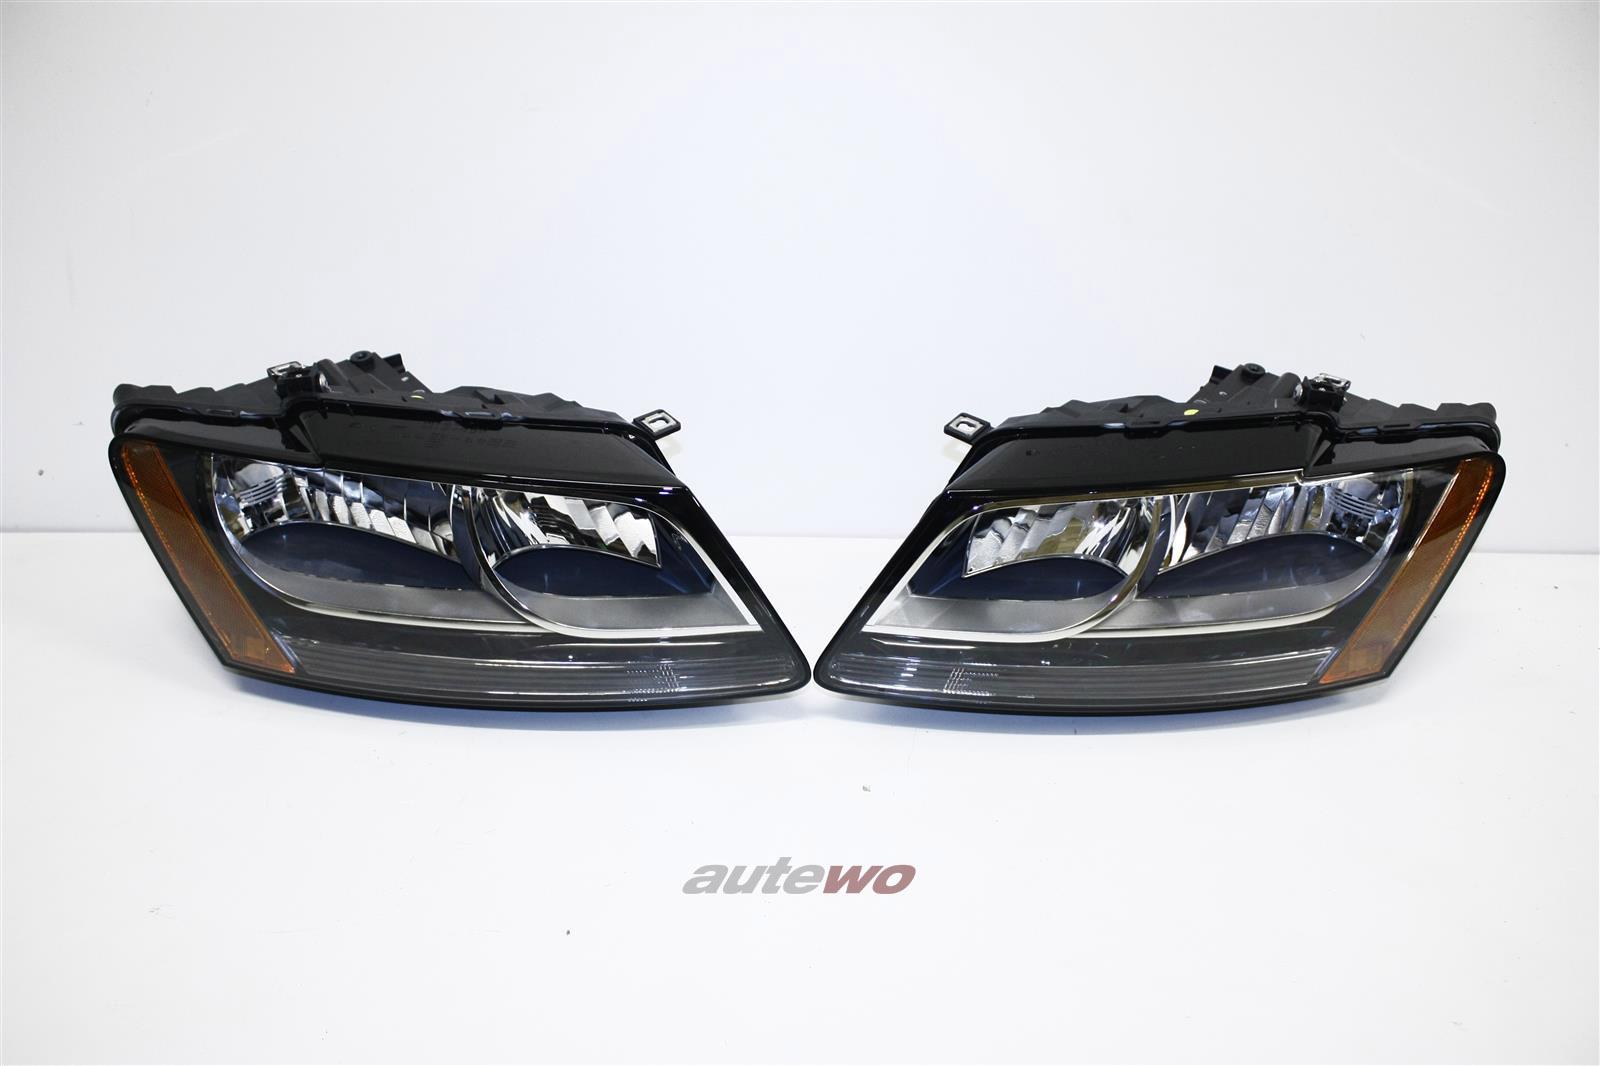 NEU! Audi Q5 Orig. US-Scheinwerfer + Sidemarkers Li. & Re. 8R0941029B & 8R094103